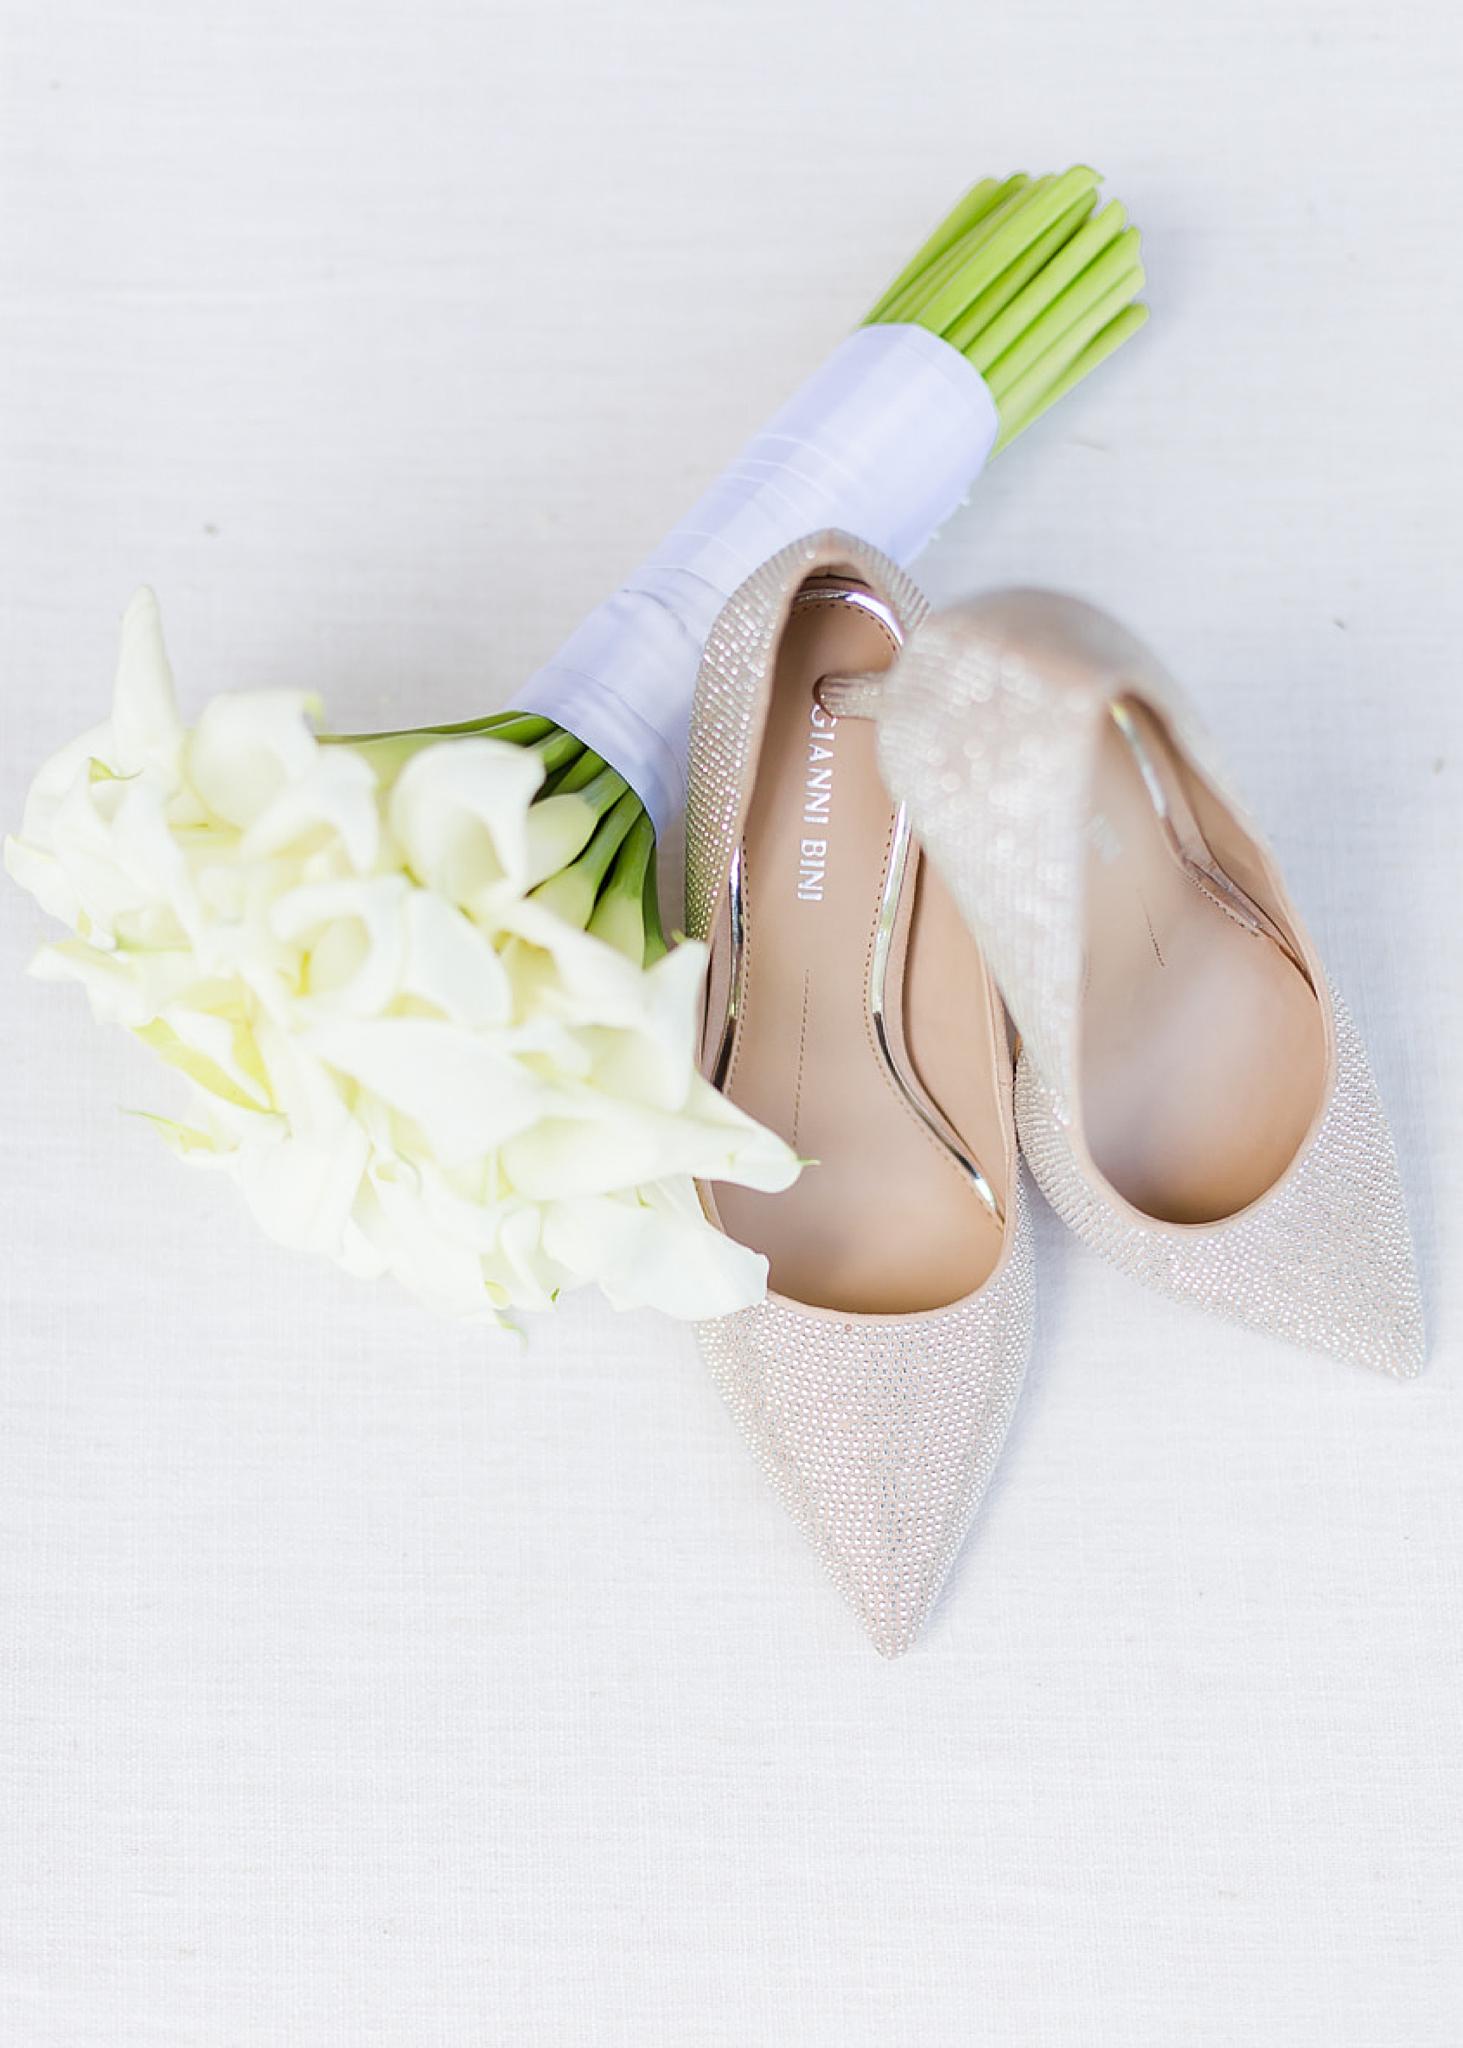 bride's pale pink shoes rest near calla lilies